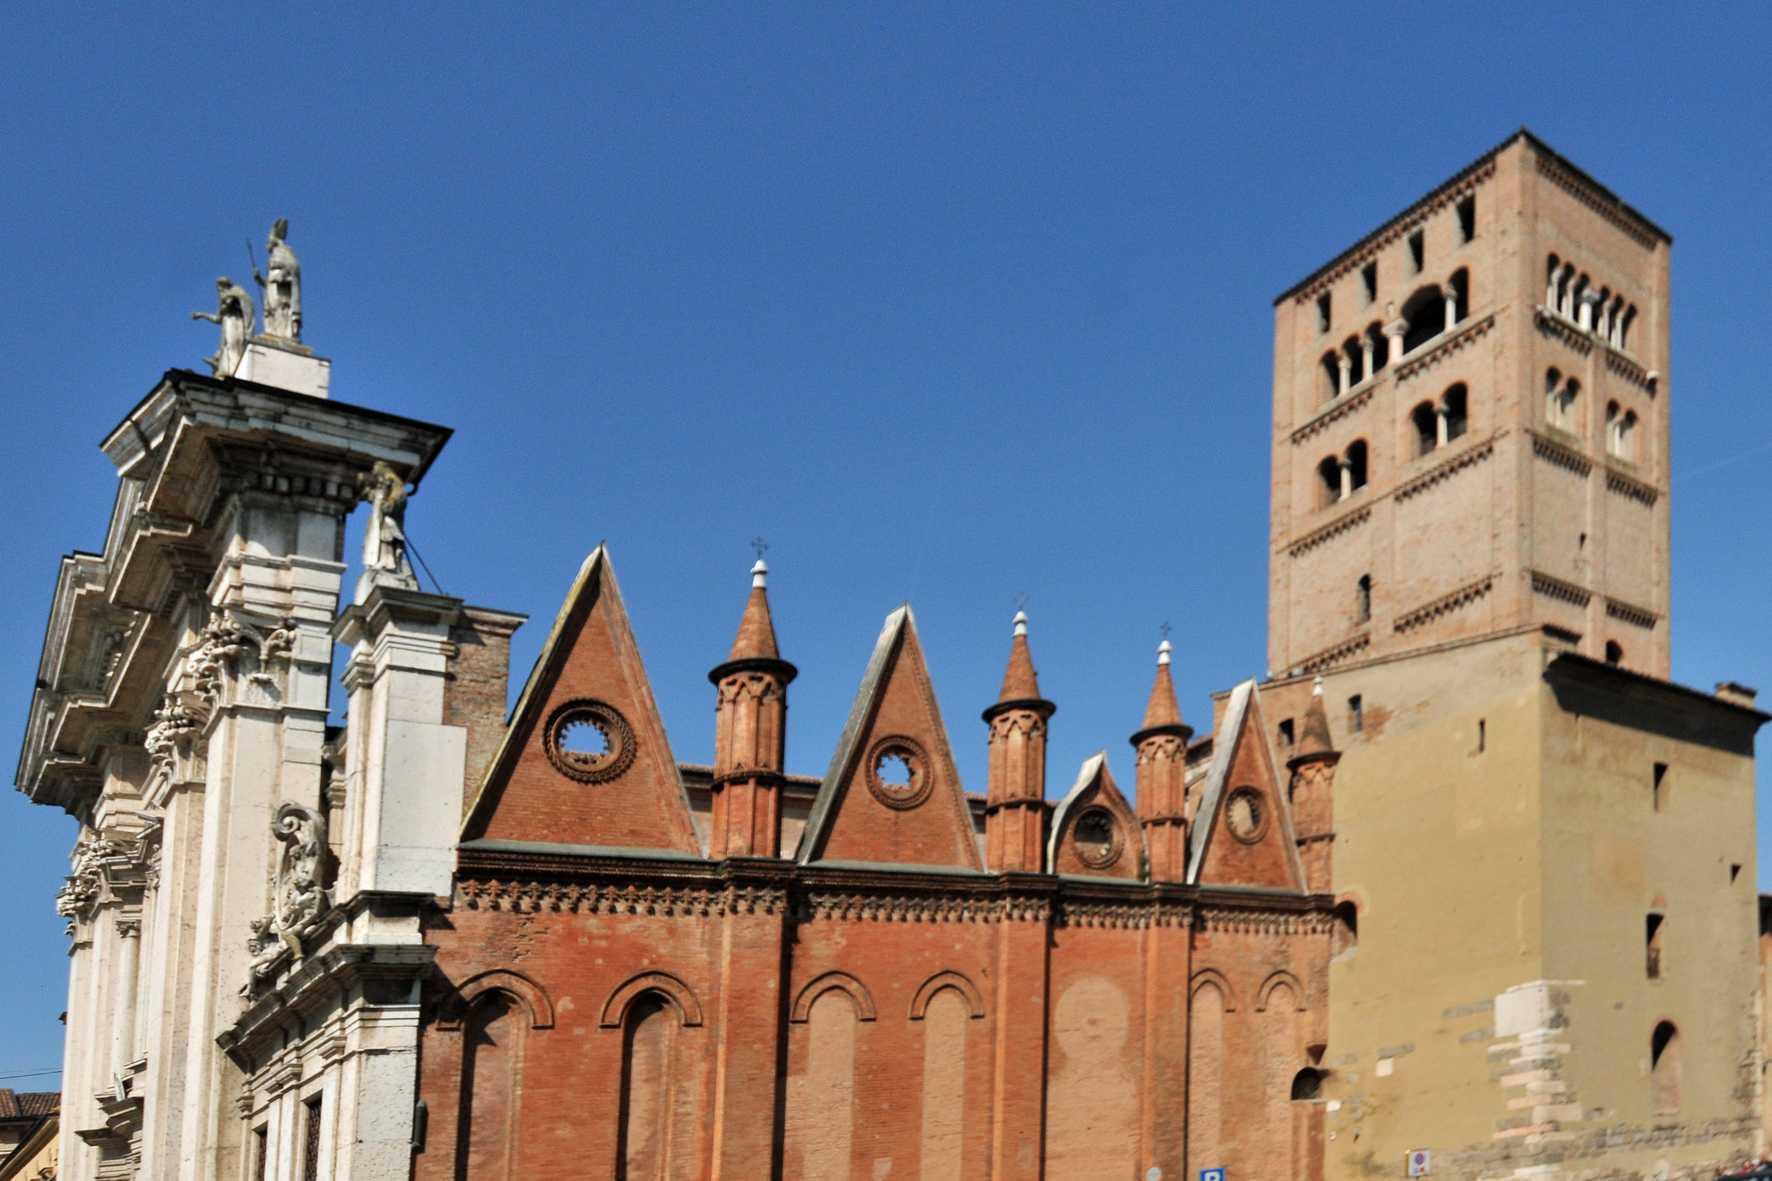 Dom von Mantua